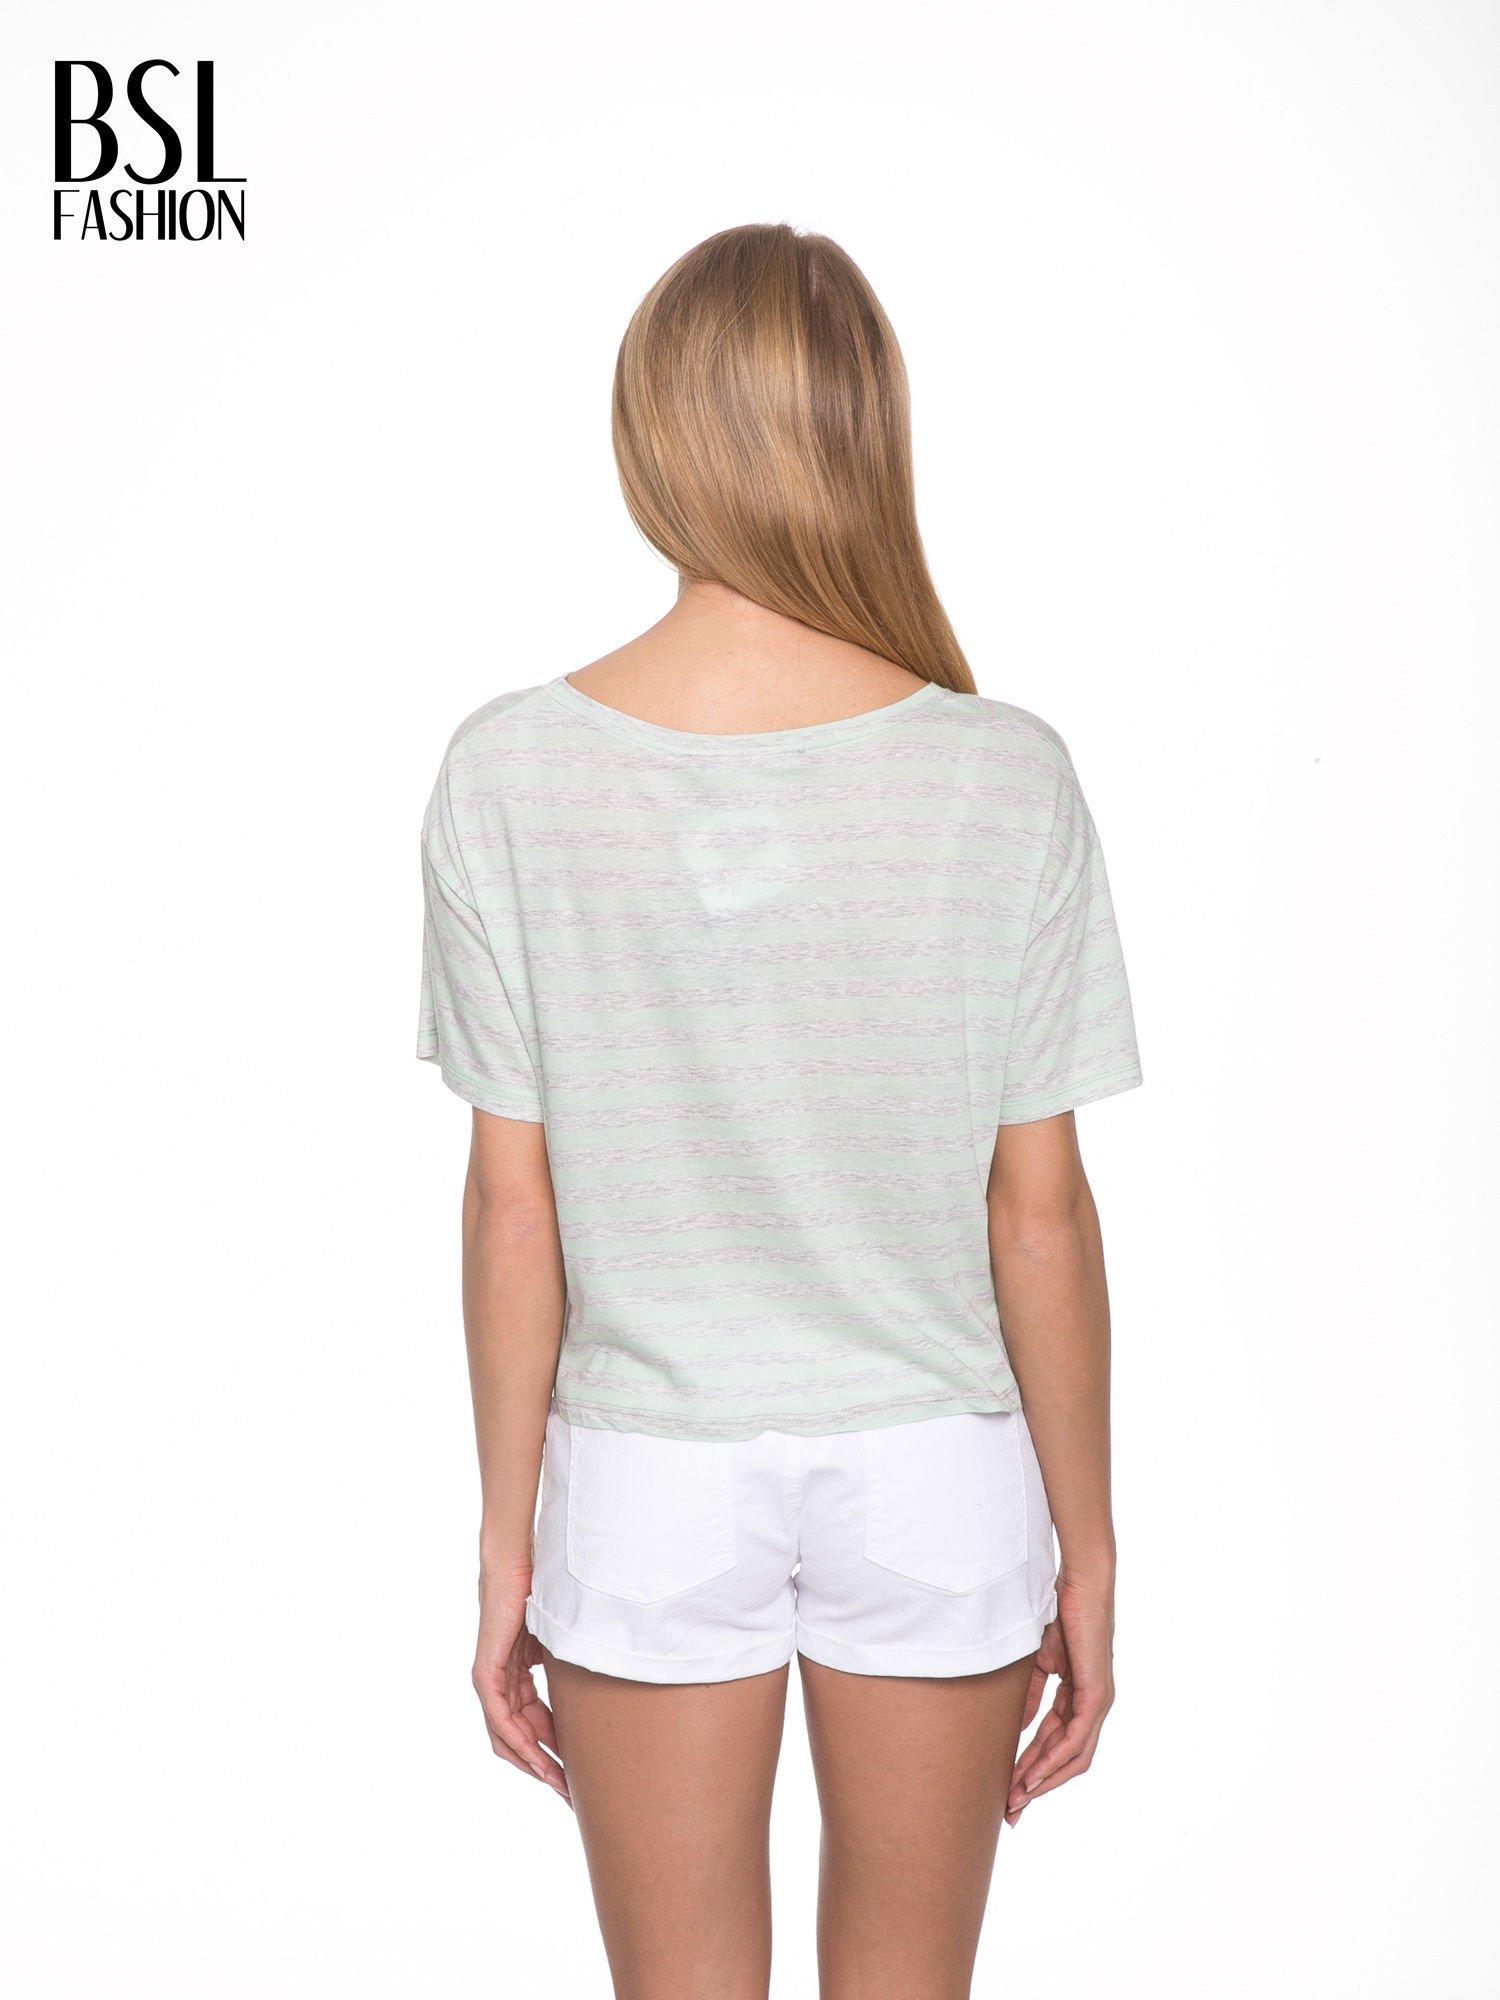 Luźny krótki t-shirt z kieszonką w zielone paski                                  zdj.                                  4